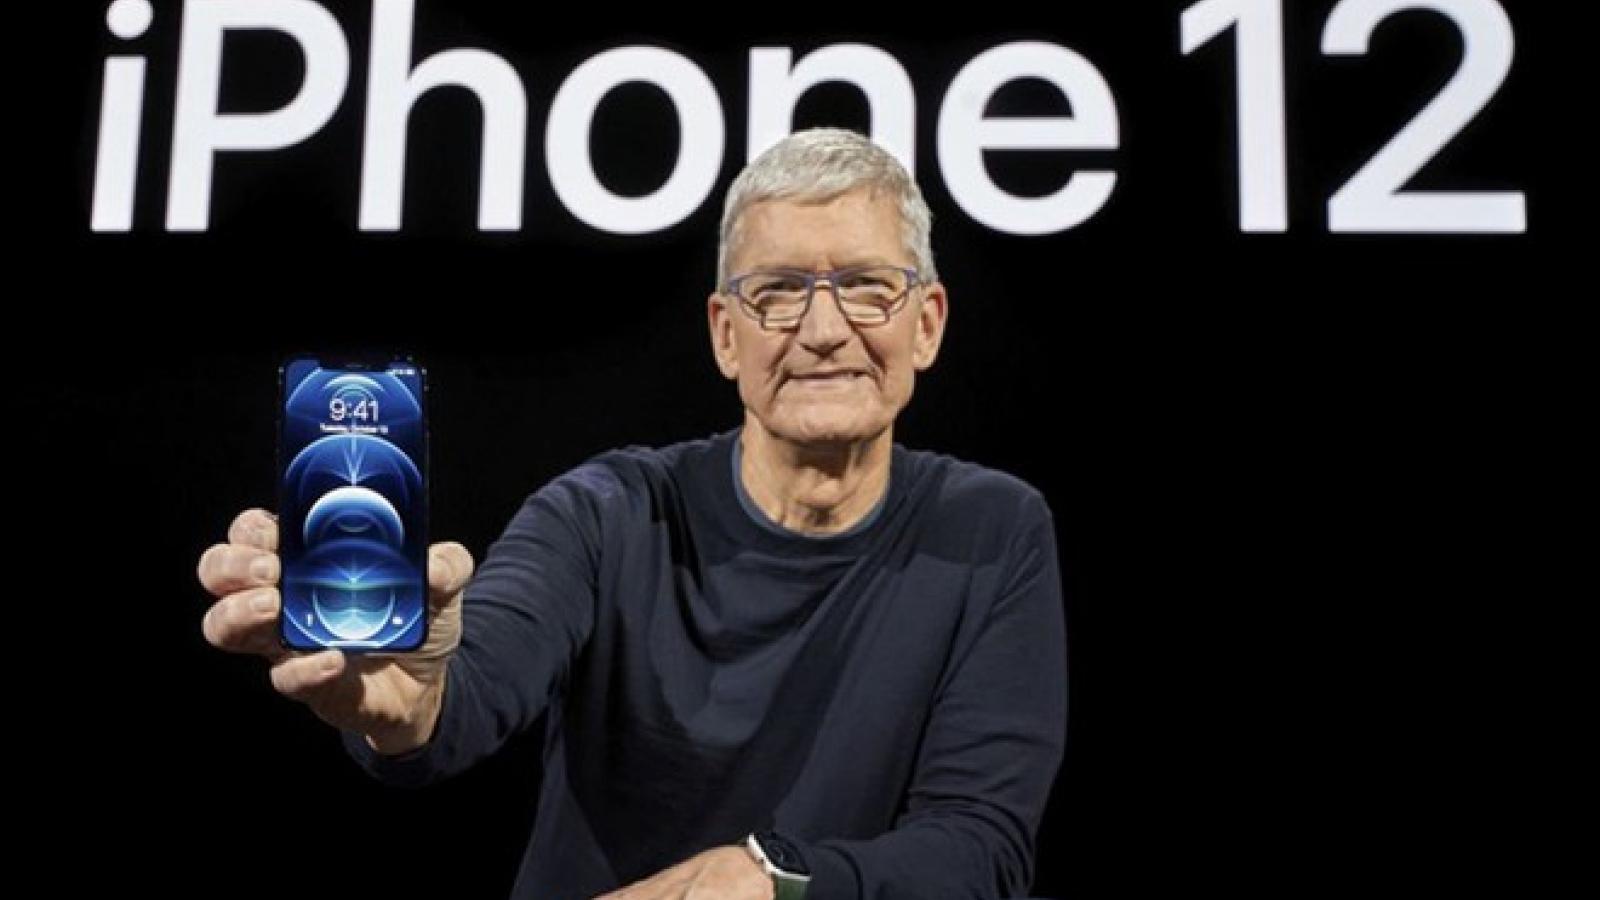 Apple phát hành iOS 14.2.1 để sửa lỗi trên iPhone 12